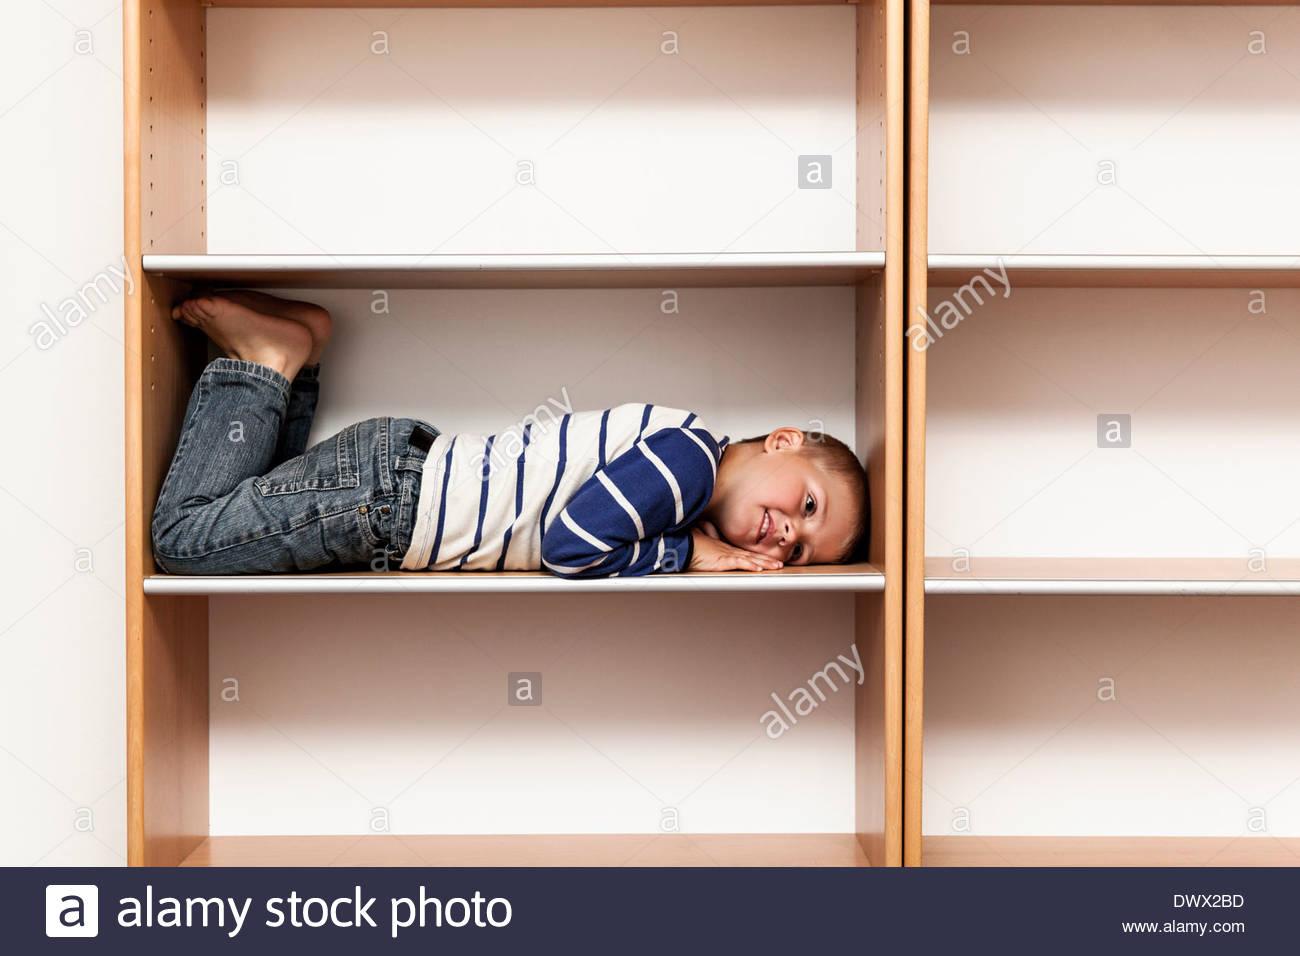 La longitud total del muchacho juguetón acostado en la estantería vacía en casa Imagen De Stock